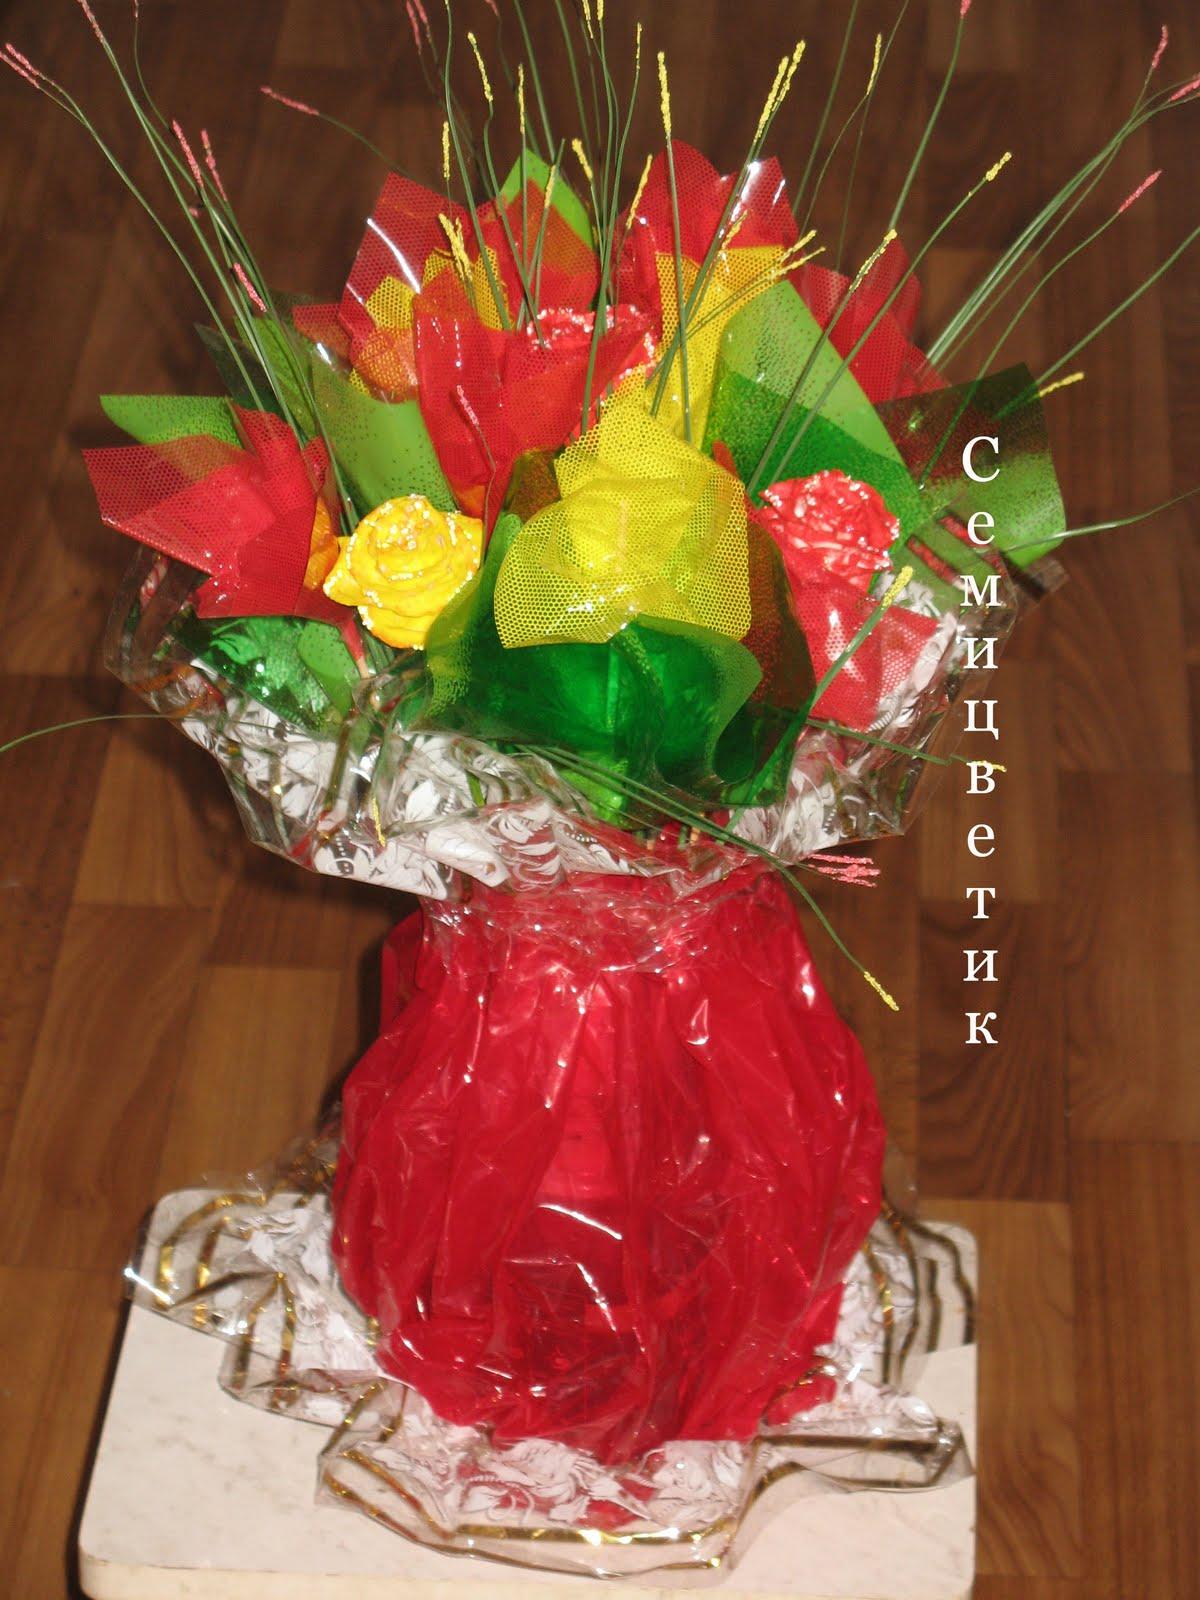 Букет из дачных цветов к 1 сентября своими руками. - Участок и сад 452